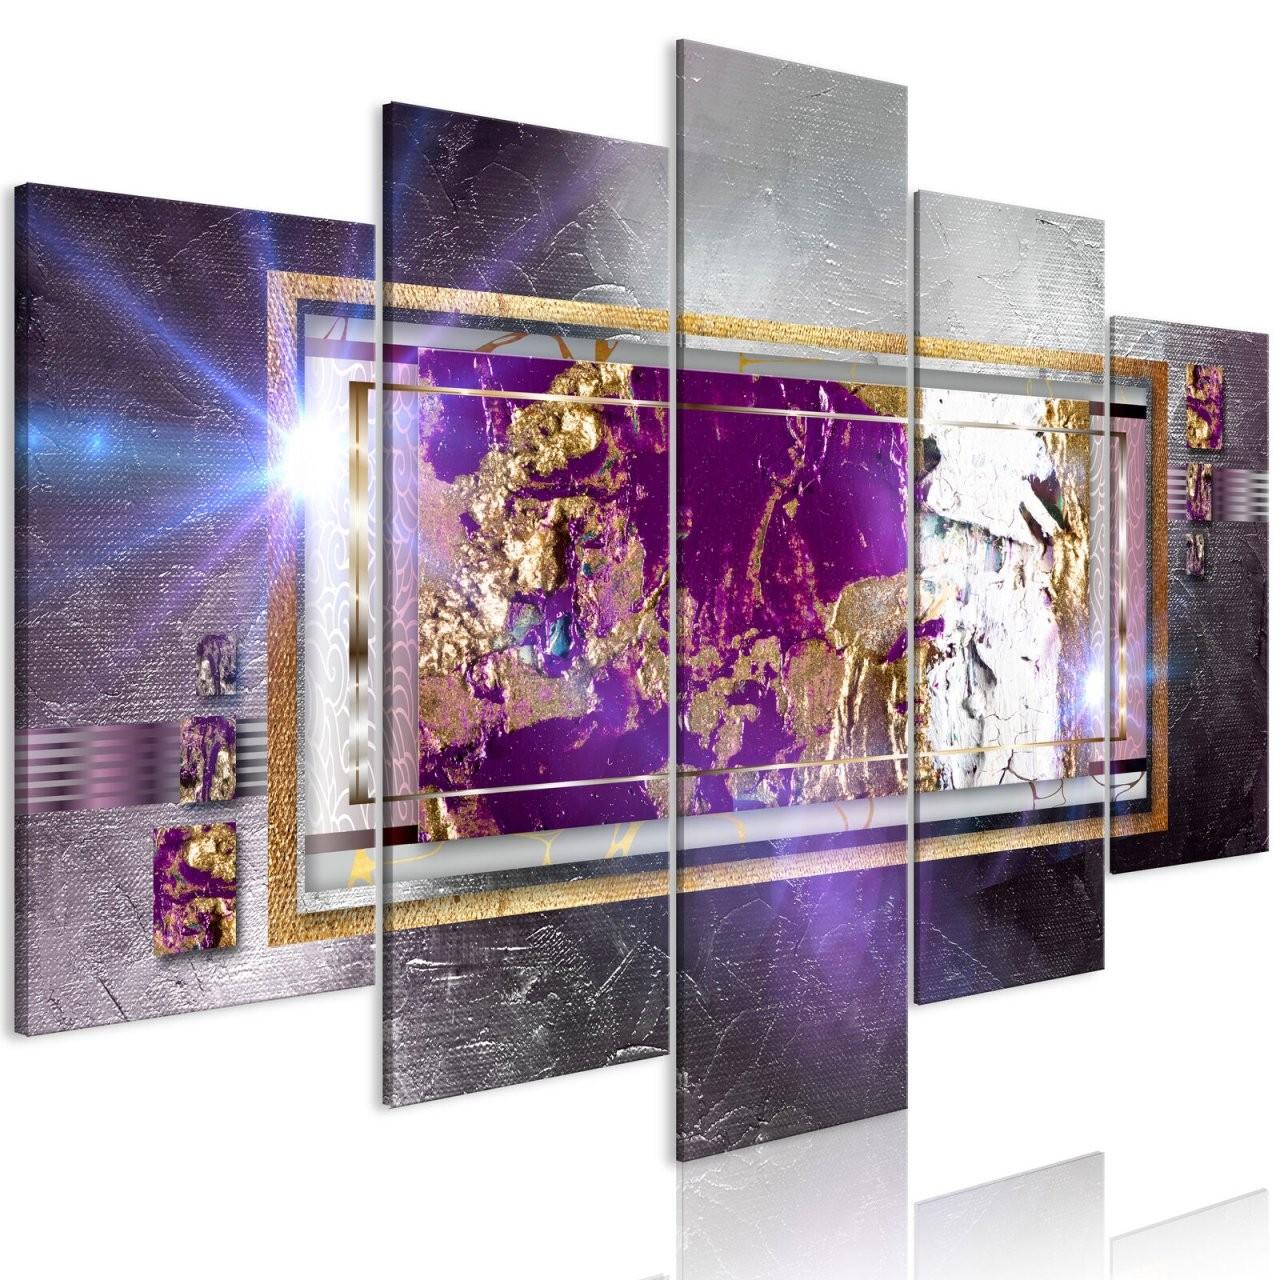 Mehrteilige+Wandbilder Mehr Als 1000 Angebote Fotos Preise ✓ von Mehrteilige Bilder Auf Leinwand Bild